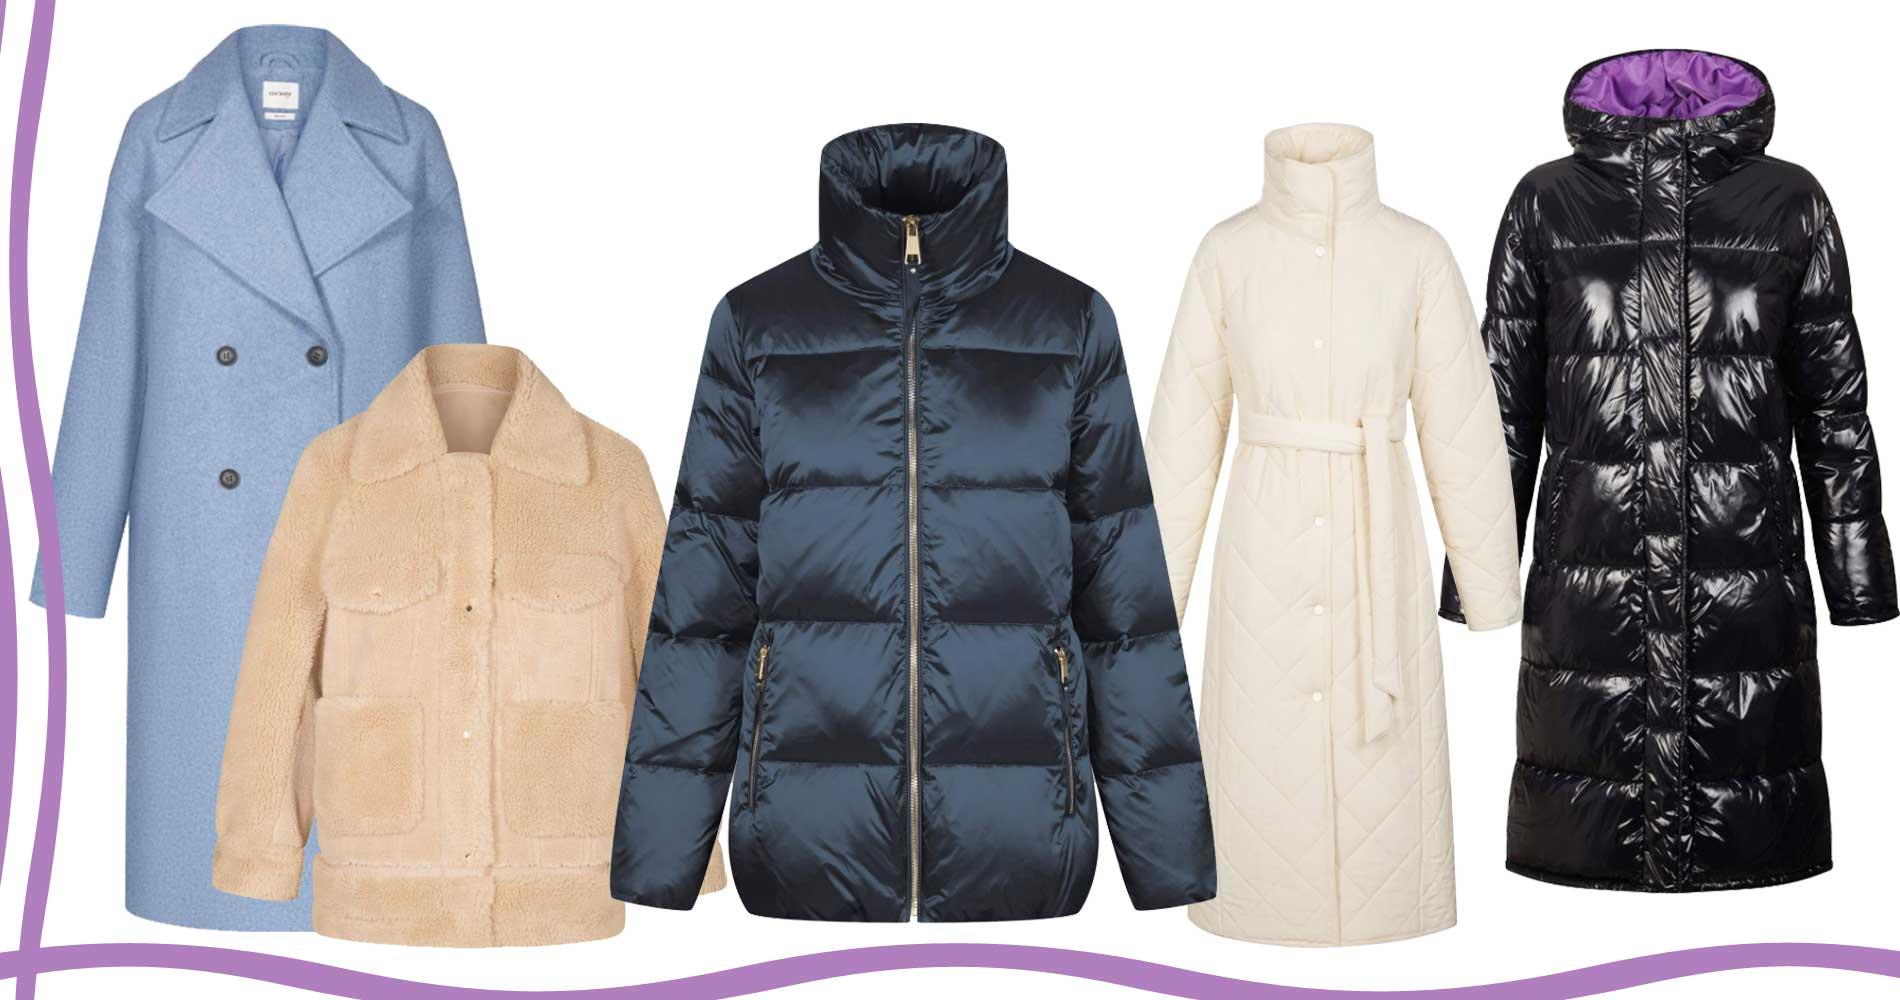 Jacken und Mäntel, Jacken und Mätel für den Winter, Winterjacken, schöne Jacken und Mäntel, Mäntel von ORSAY